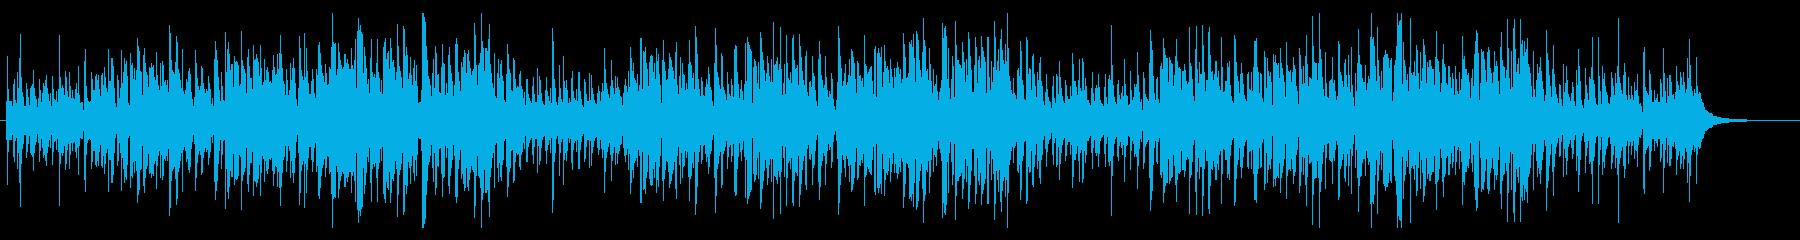 有名クリスマスソングをハワイアン風に編曲の再生済みの波形